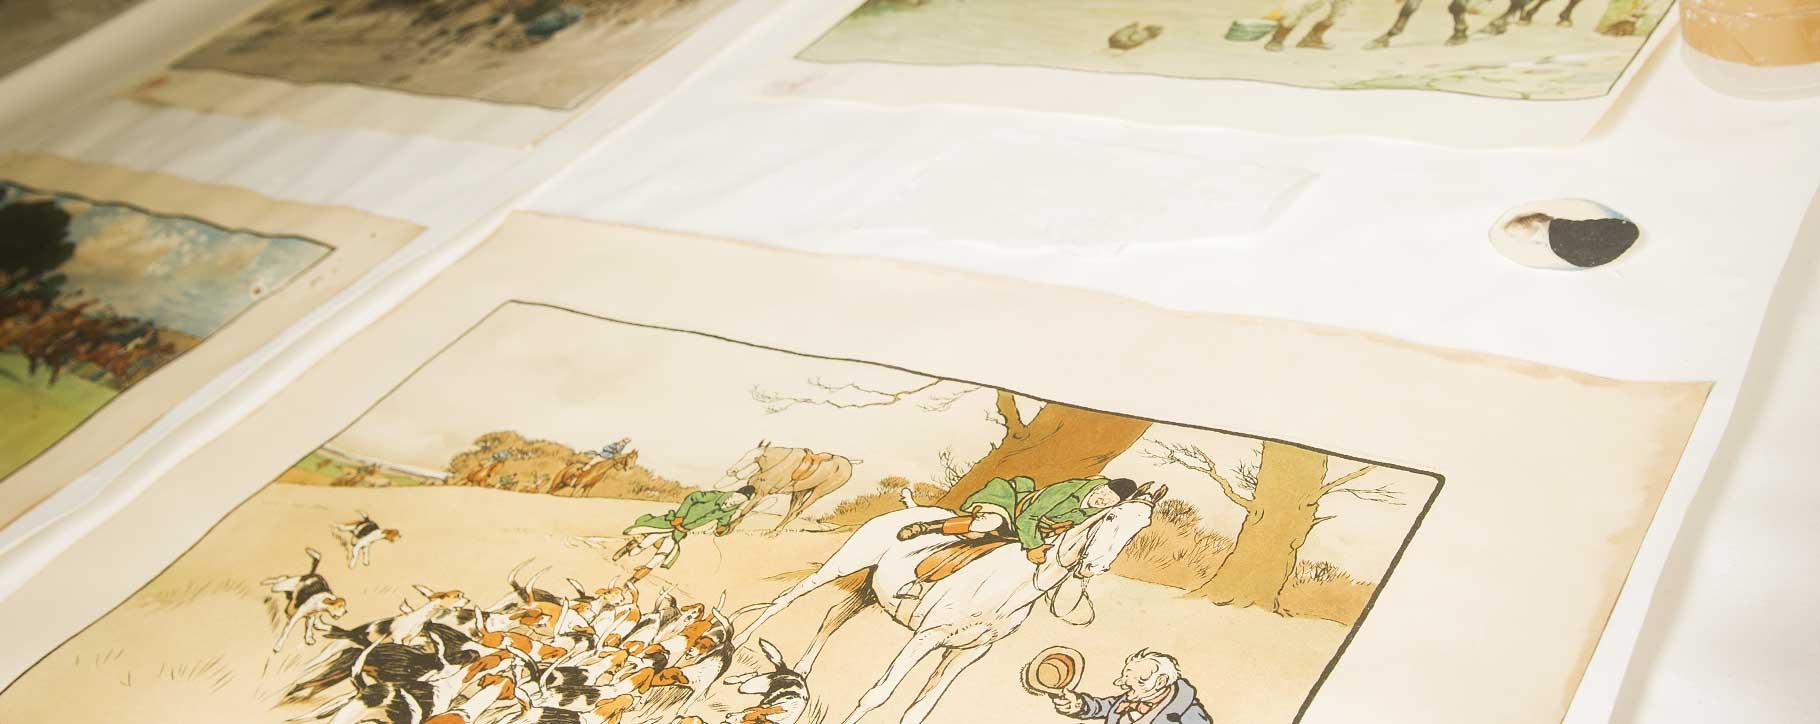 works on paper for restoration